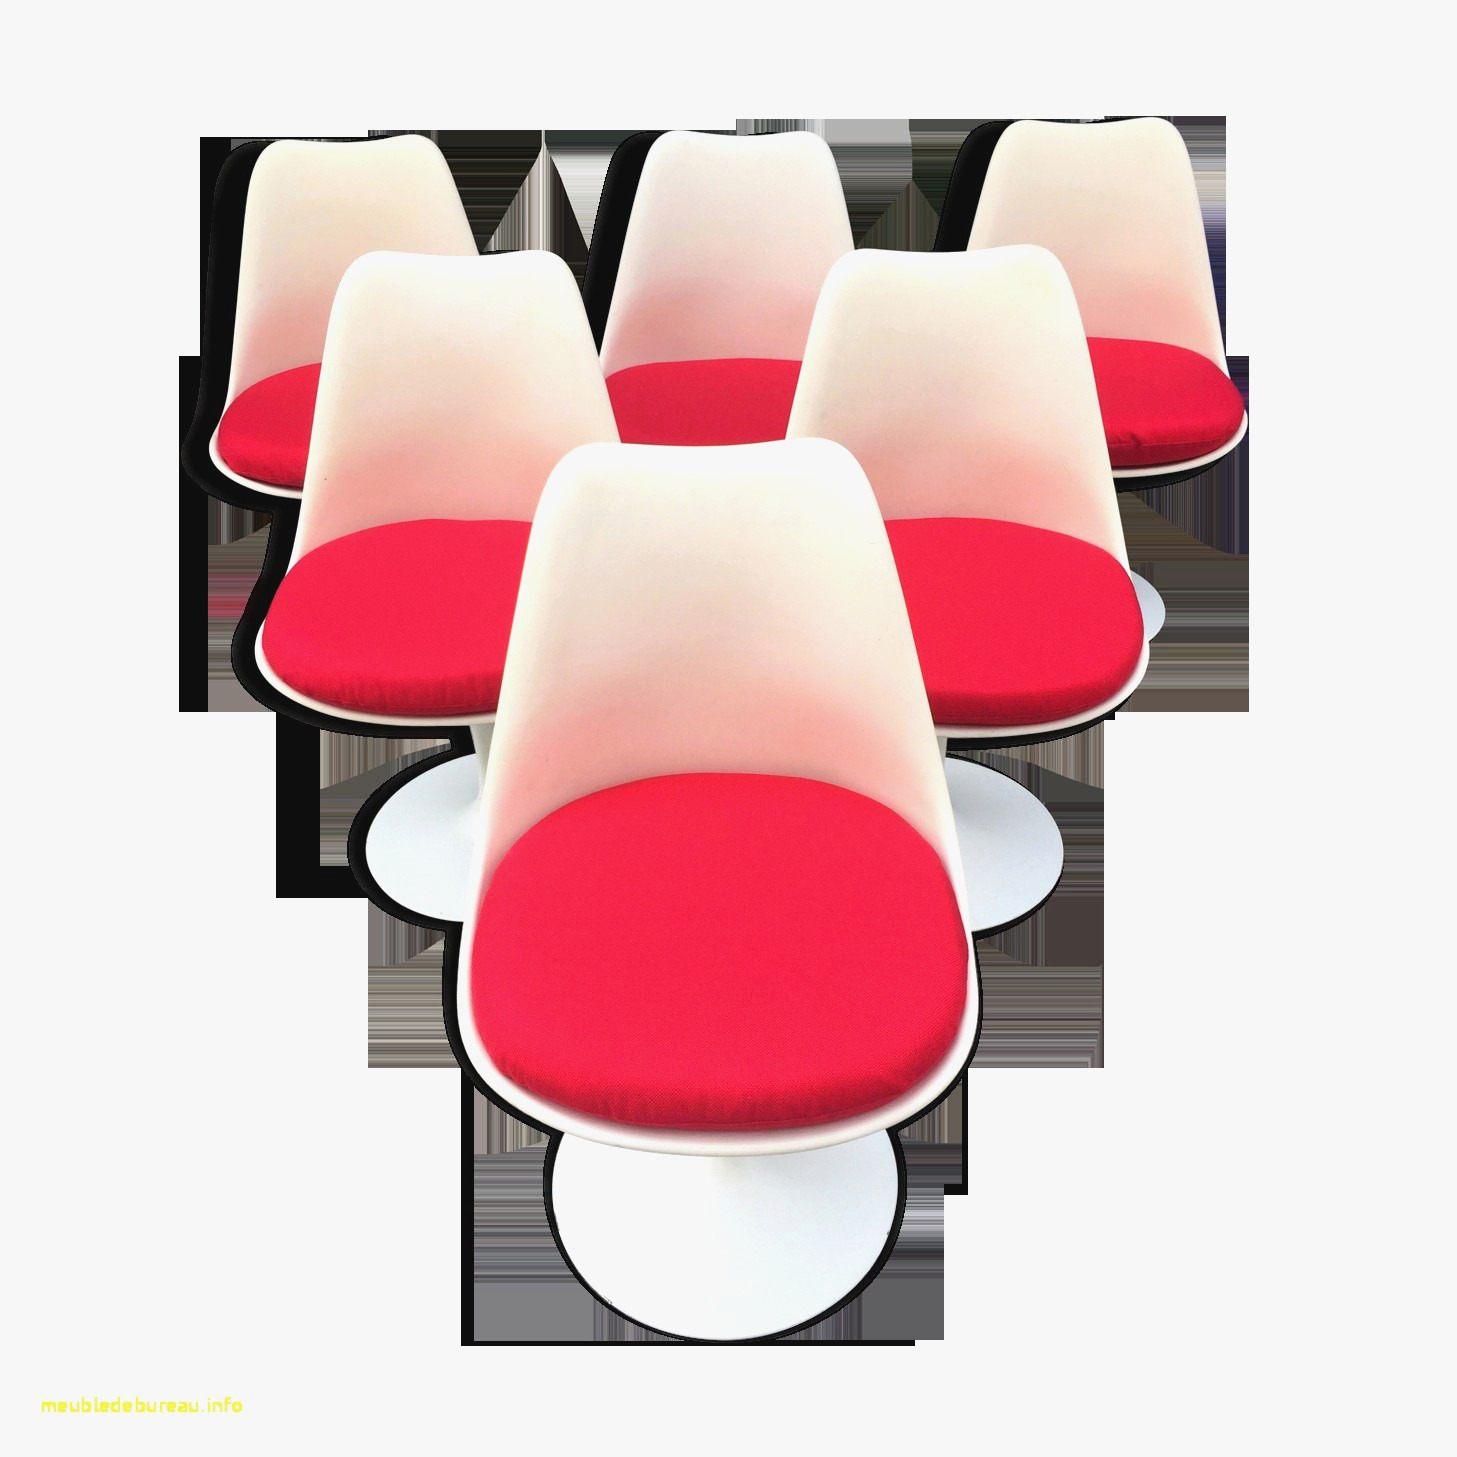 Lit En Bois Pliant Ikea Charmant Lit Pliable Ikea Luxe Table Pliable Ikea New Lit En Bois Pliant Ikea